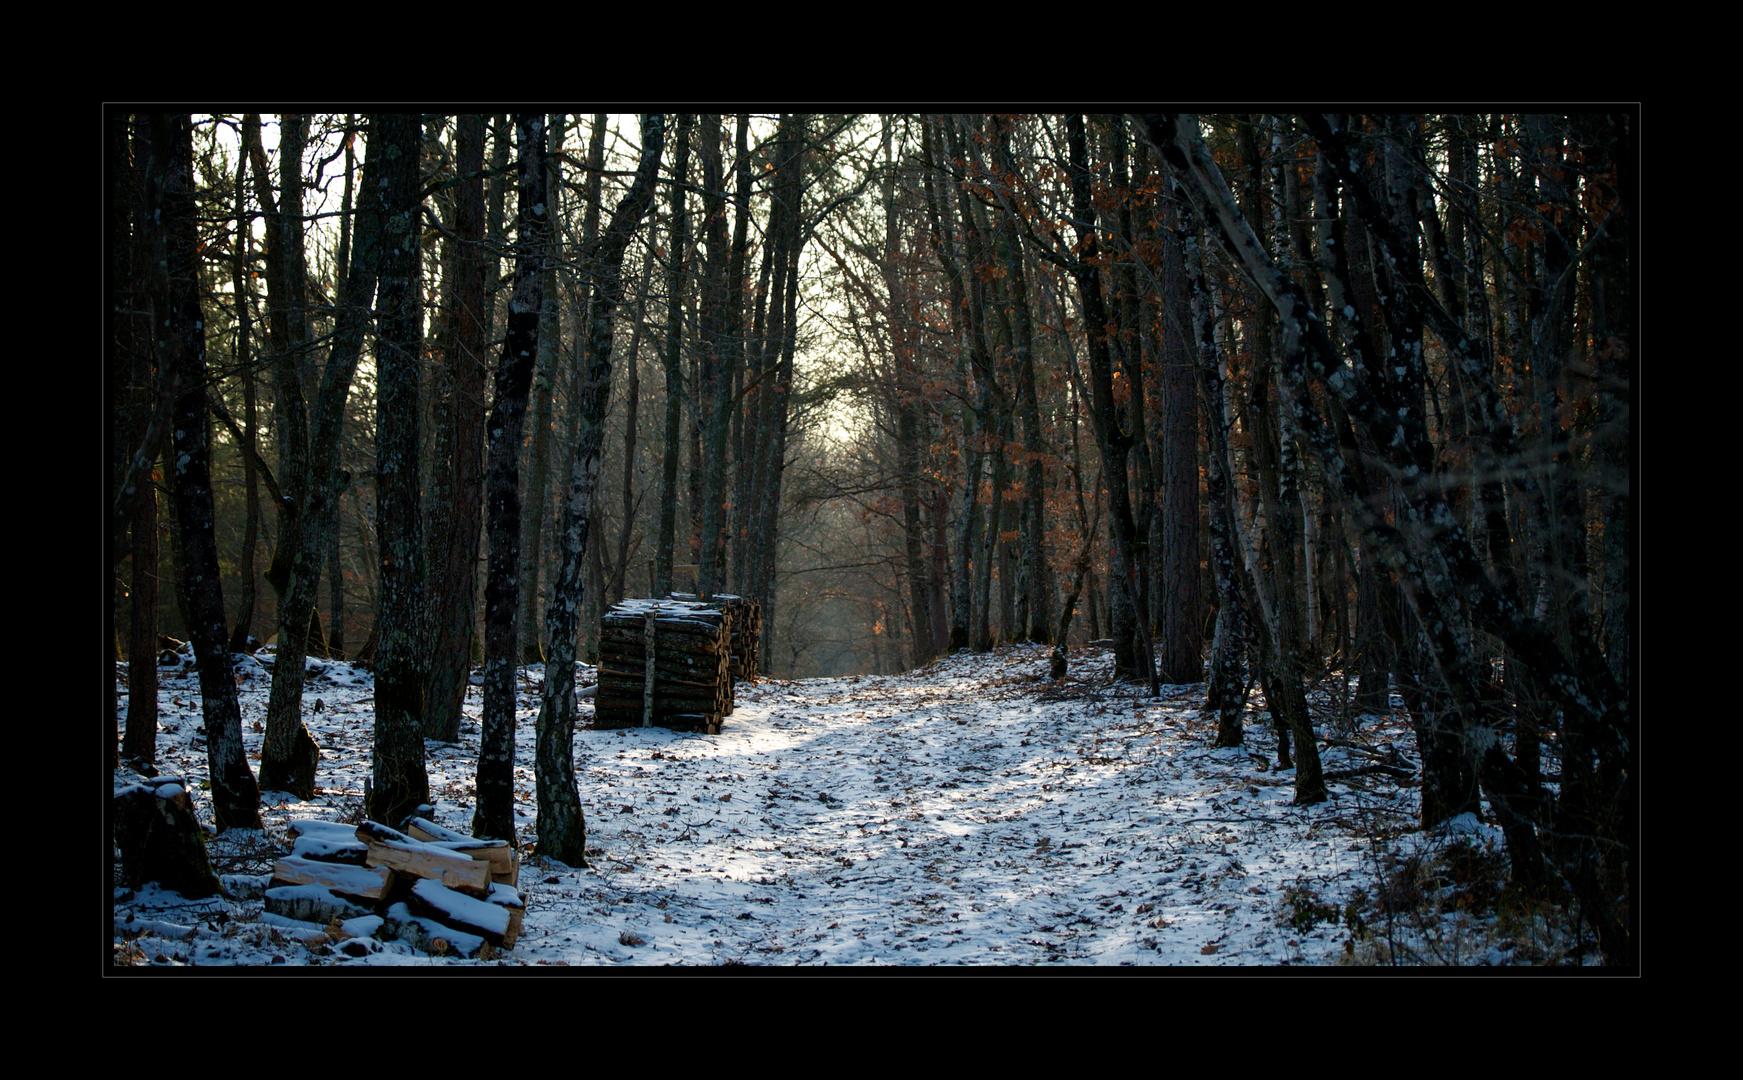 Les bois de Huisseau 2